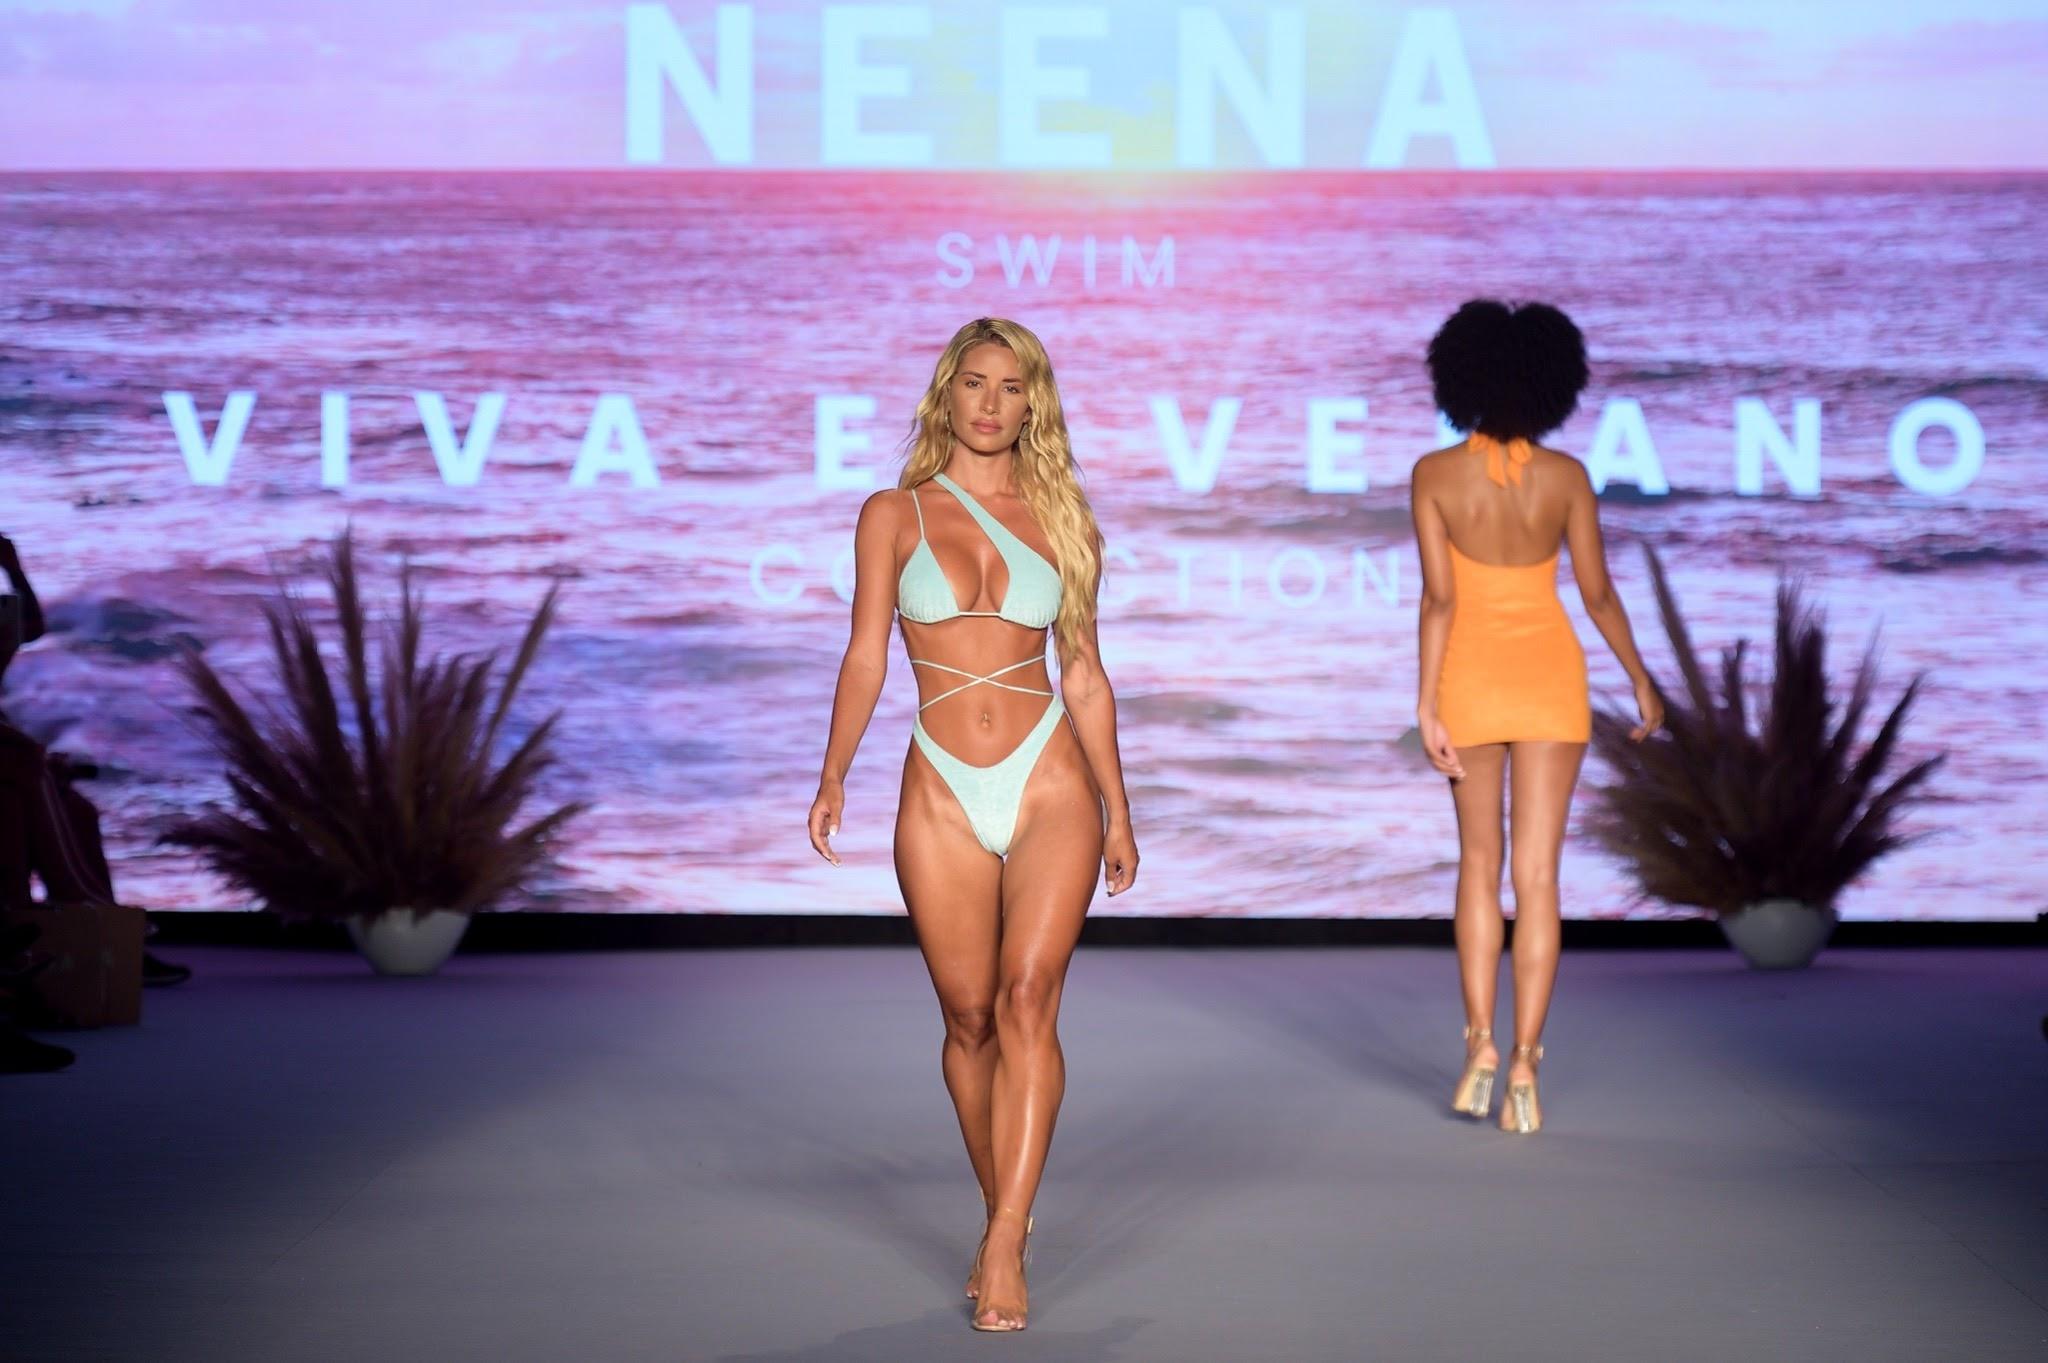 Neema Swimwear